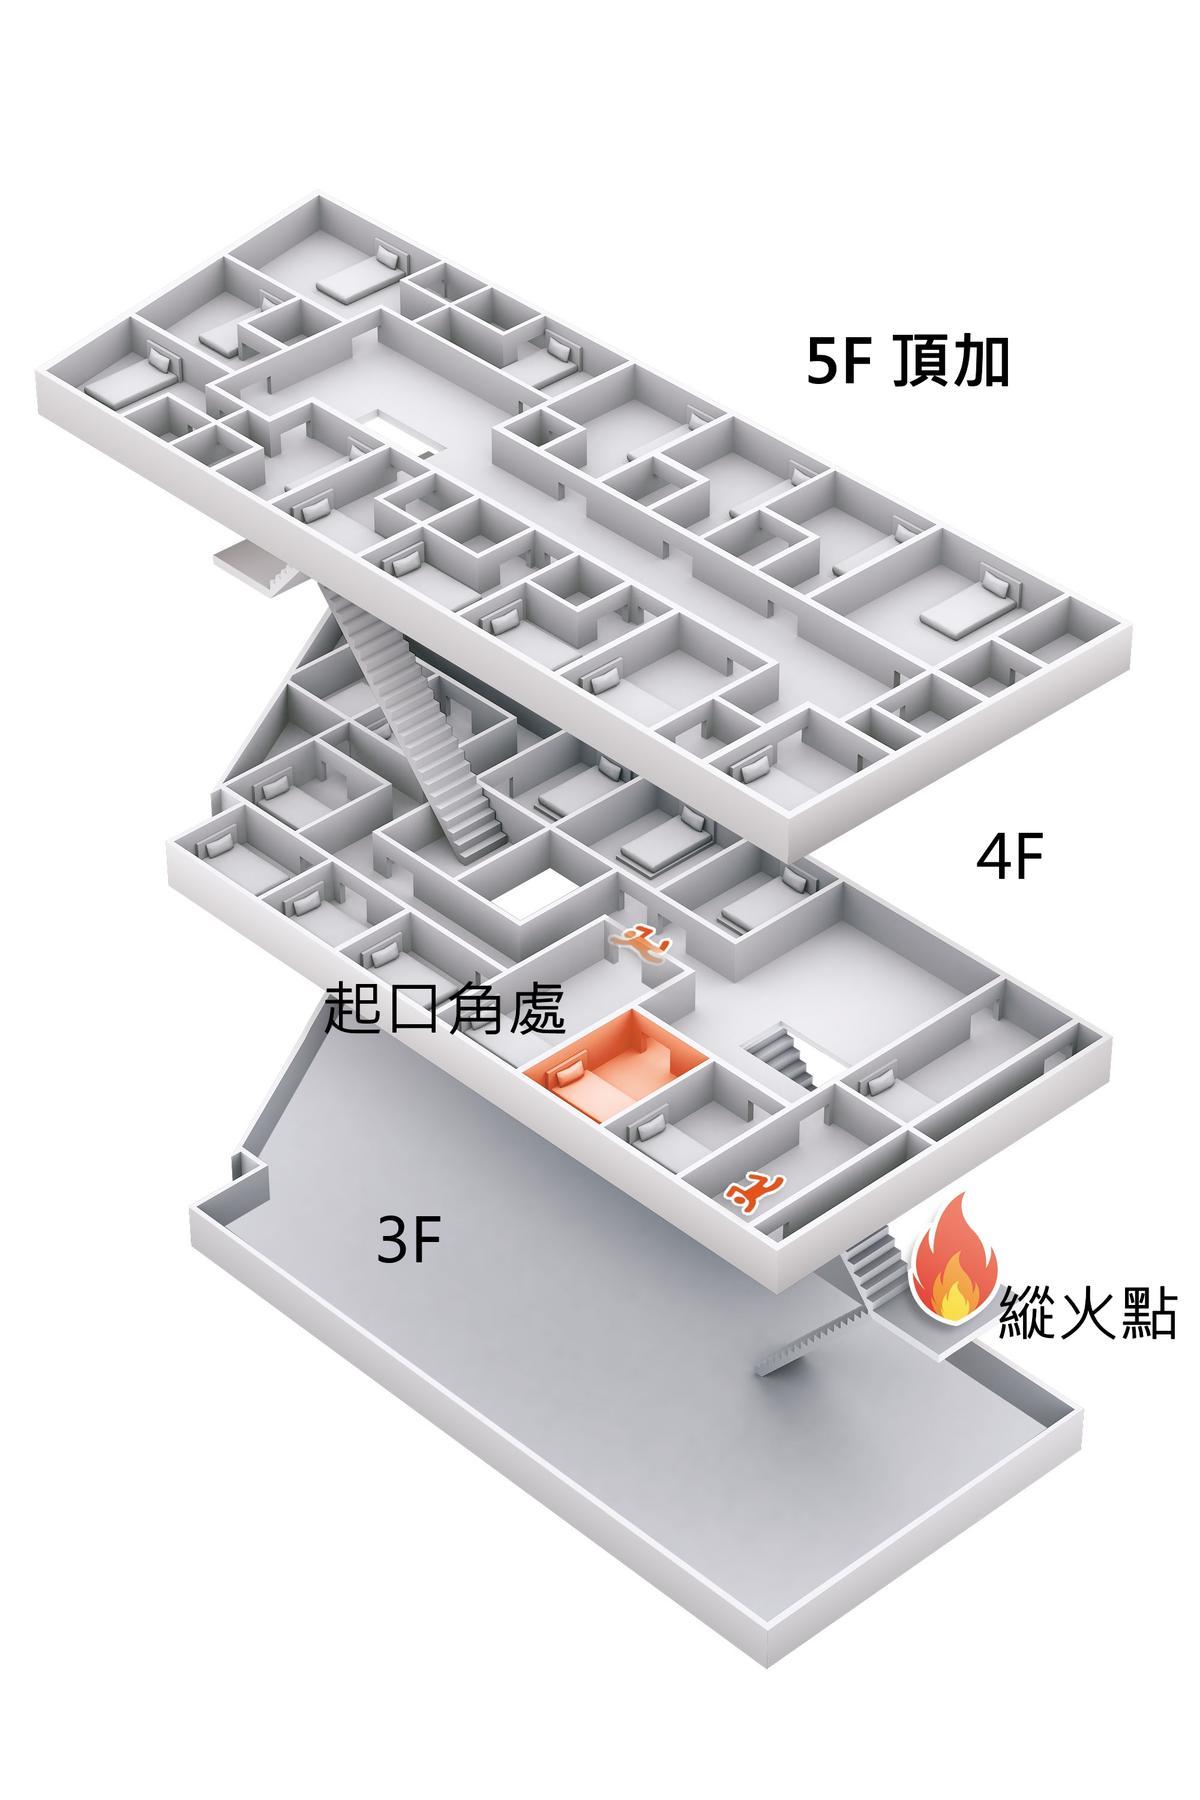 籠居格局圖,4樓與5樓以劣質木板各隔成14戶,李國輝在3樓樓梯間縱火,火勢迅速延燒,大火擋住唯一出口,2人當場被燒成焦屍。